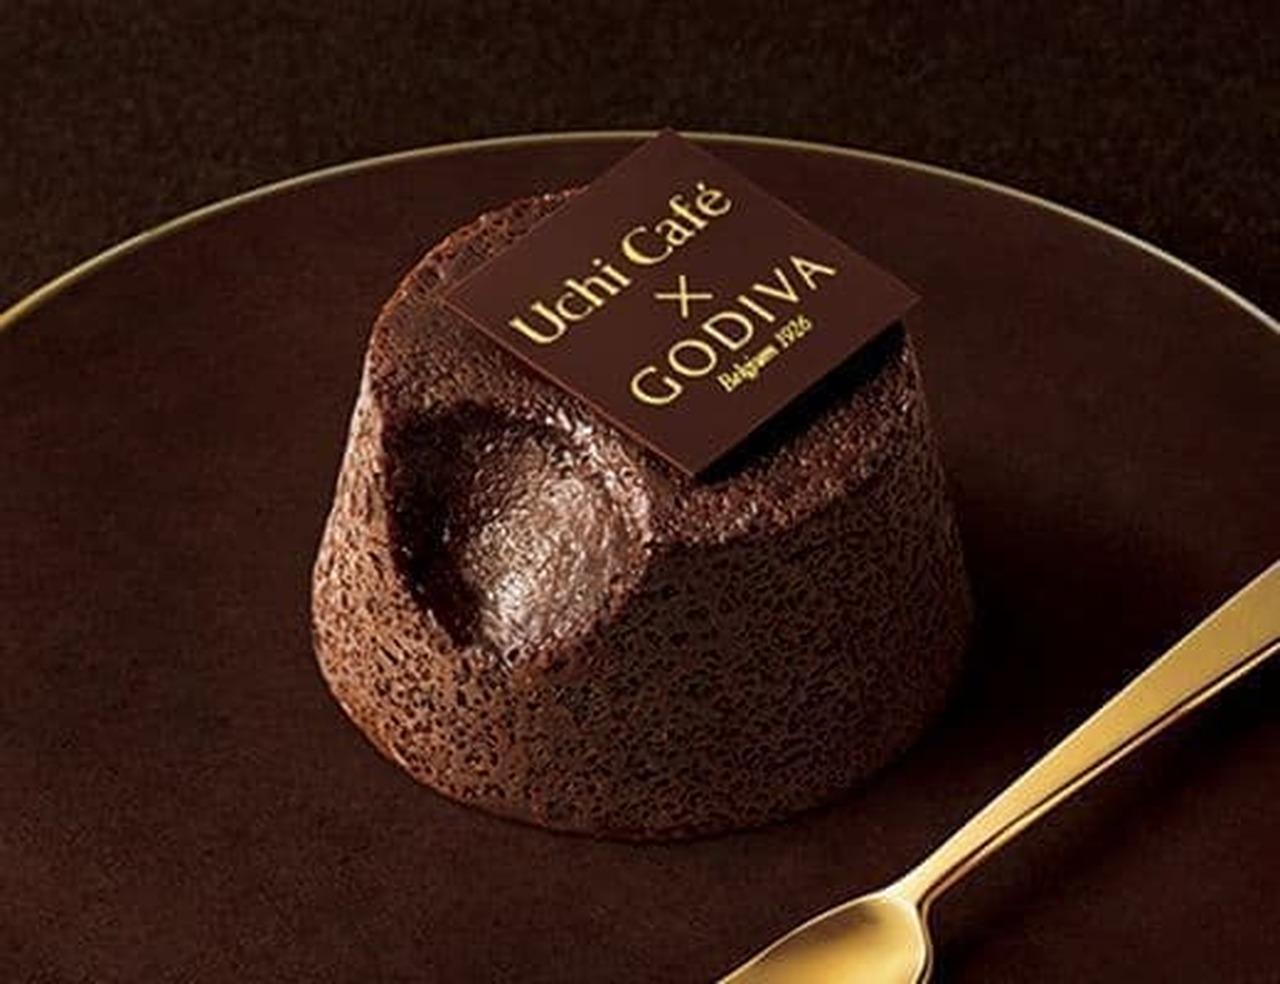 ローソン「Uchi Cafe×GODIVA テリーヌショコラ」